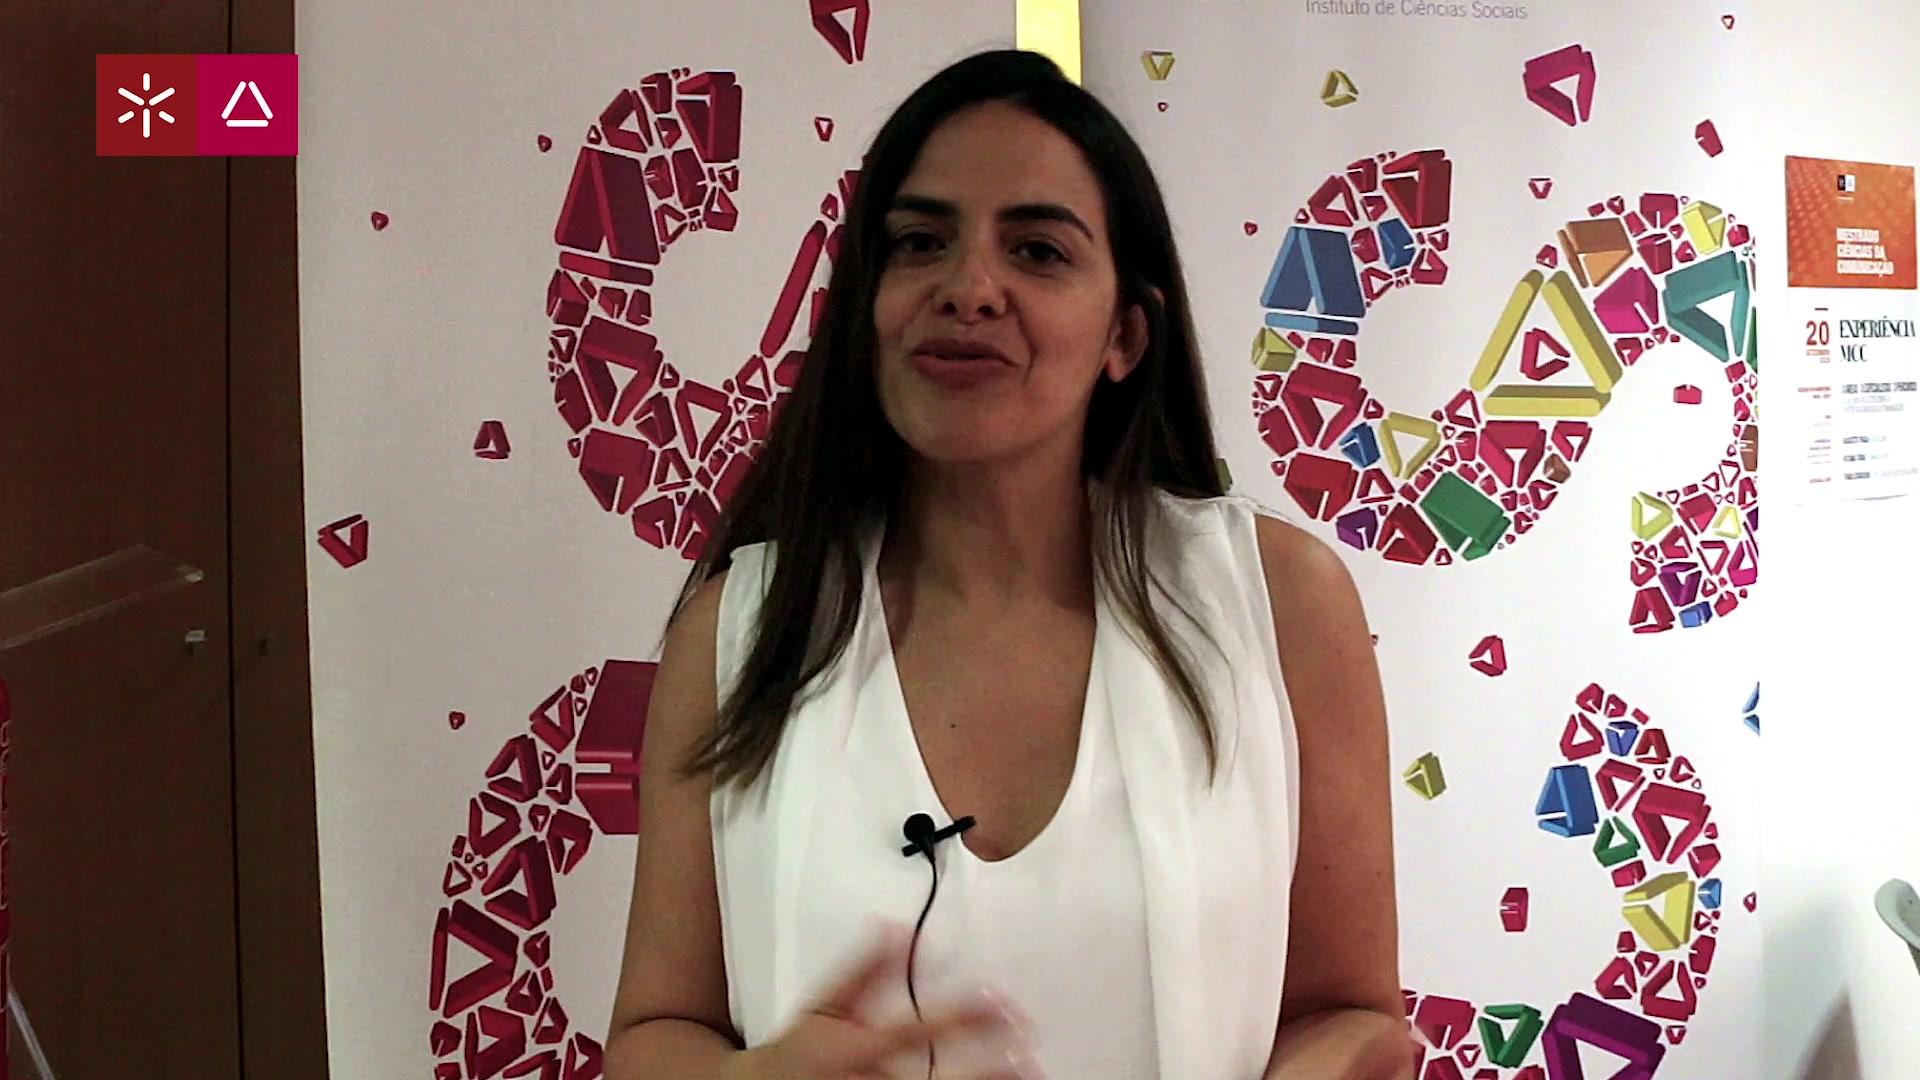 Fatima Faria